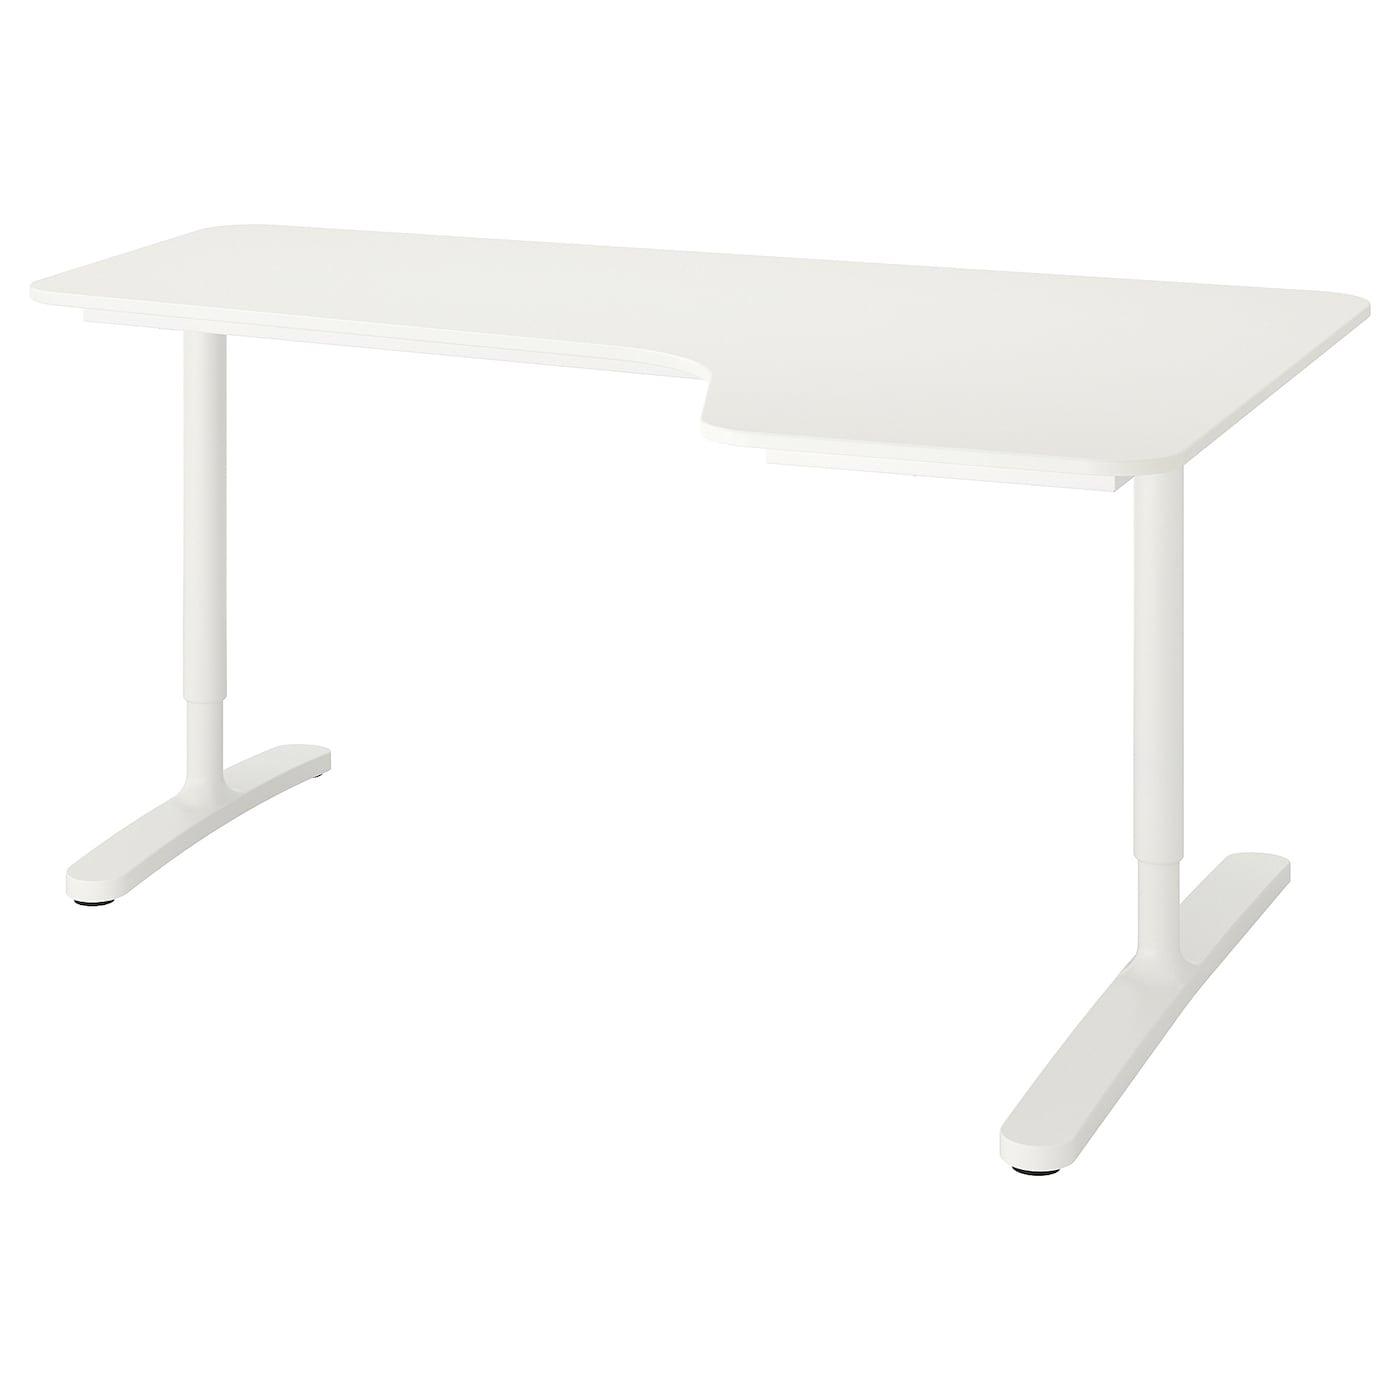 IKEA BEKANT białe biurko narożne prawe, 160x110 cm